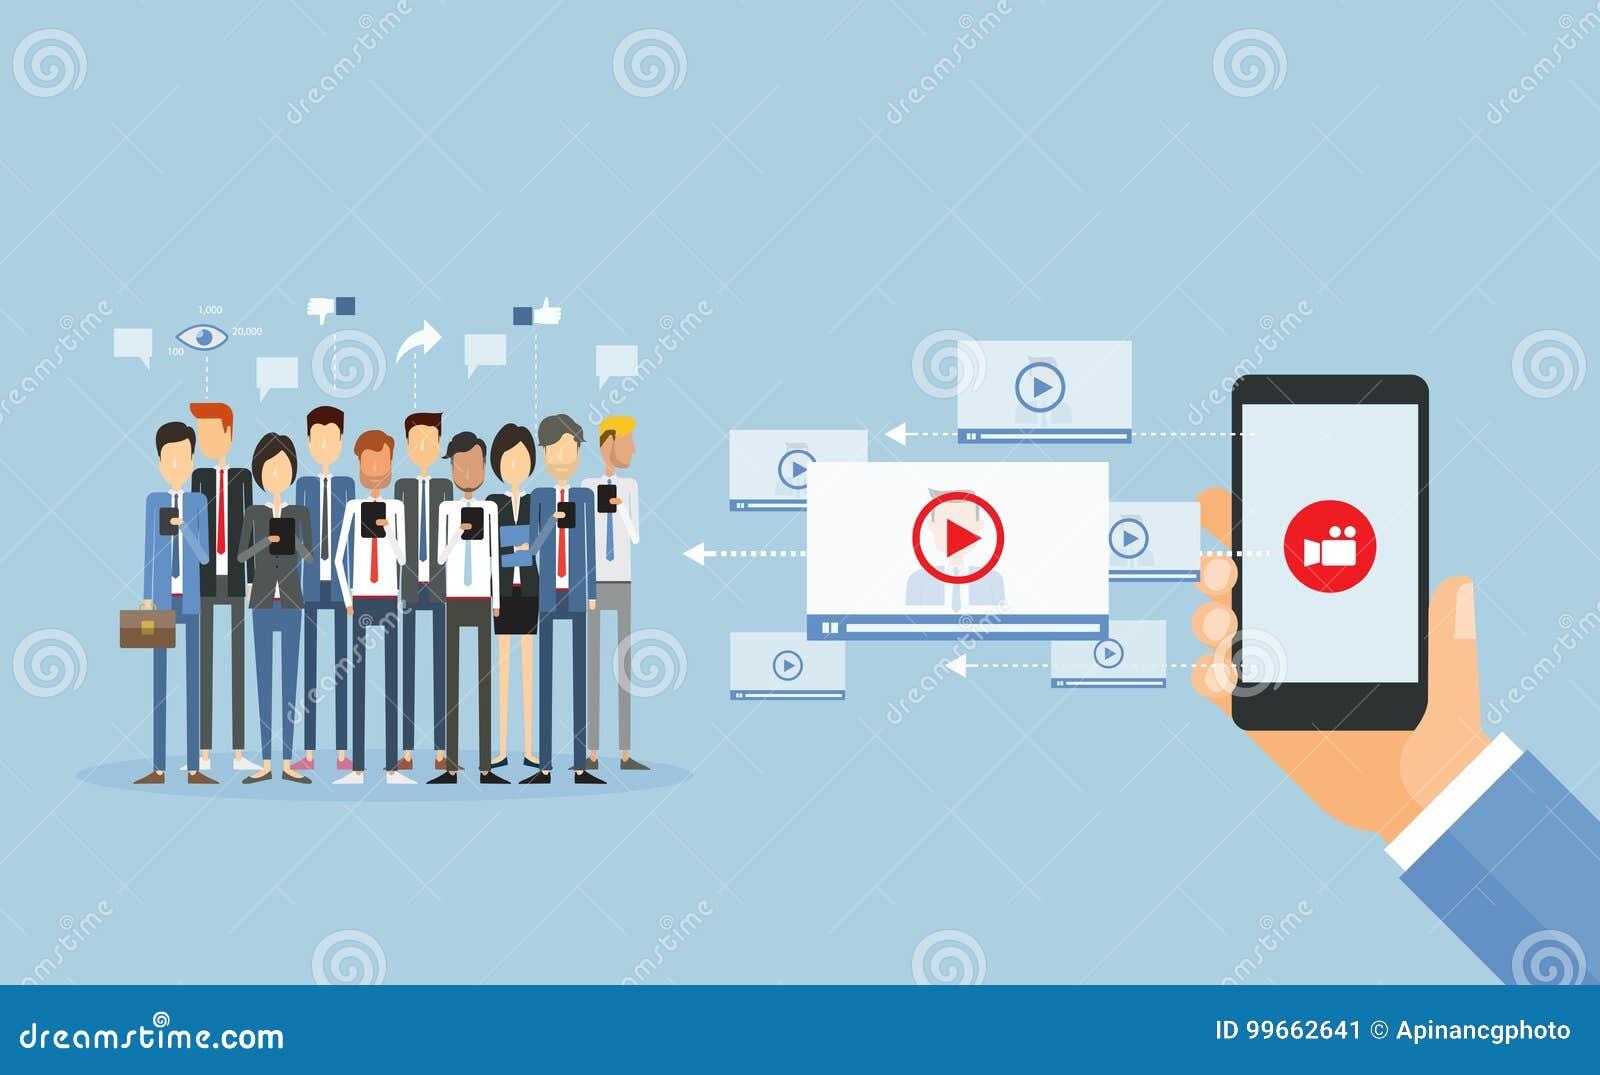 Ικανοποιημένη σε απευθείας σύνδεση και τηλεοπτική τηλεοπτική διανομή επιχειρησιακού τηλεοπτική μάρκετινγκ